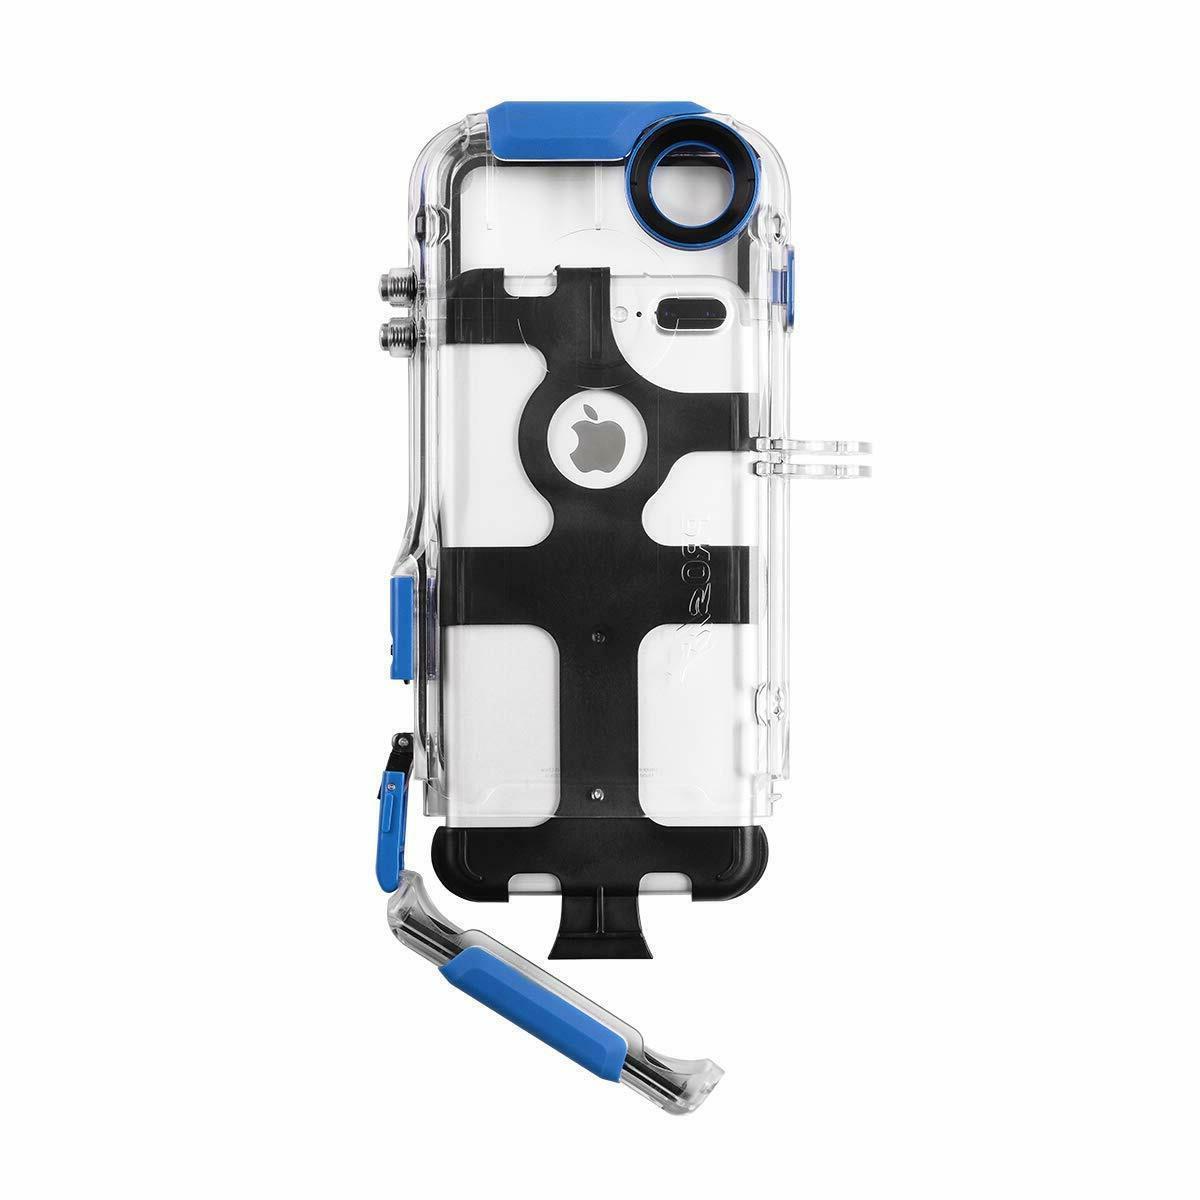 NEW! Case iPhone 8 Plus, Plus, 6 Plus